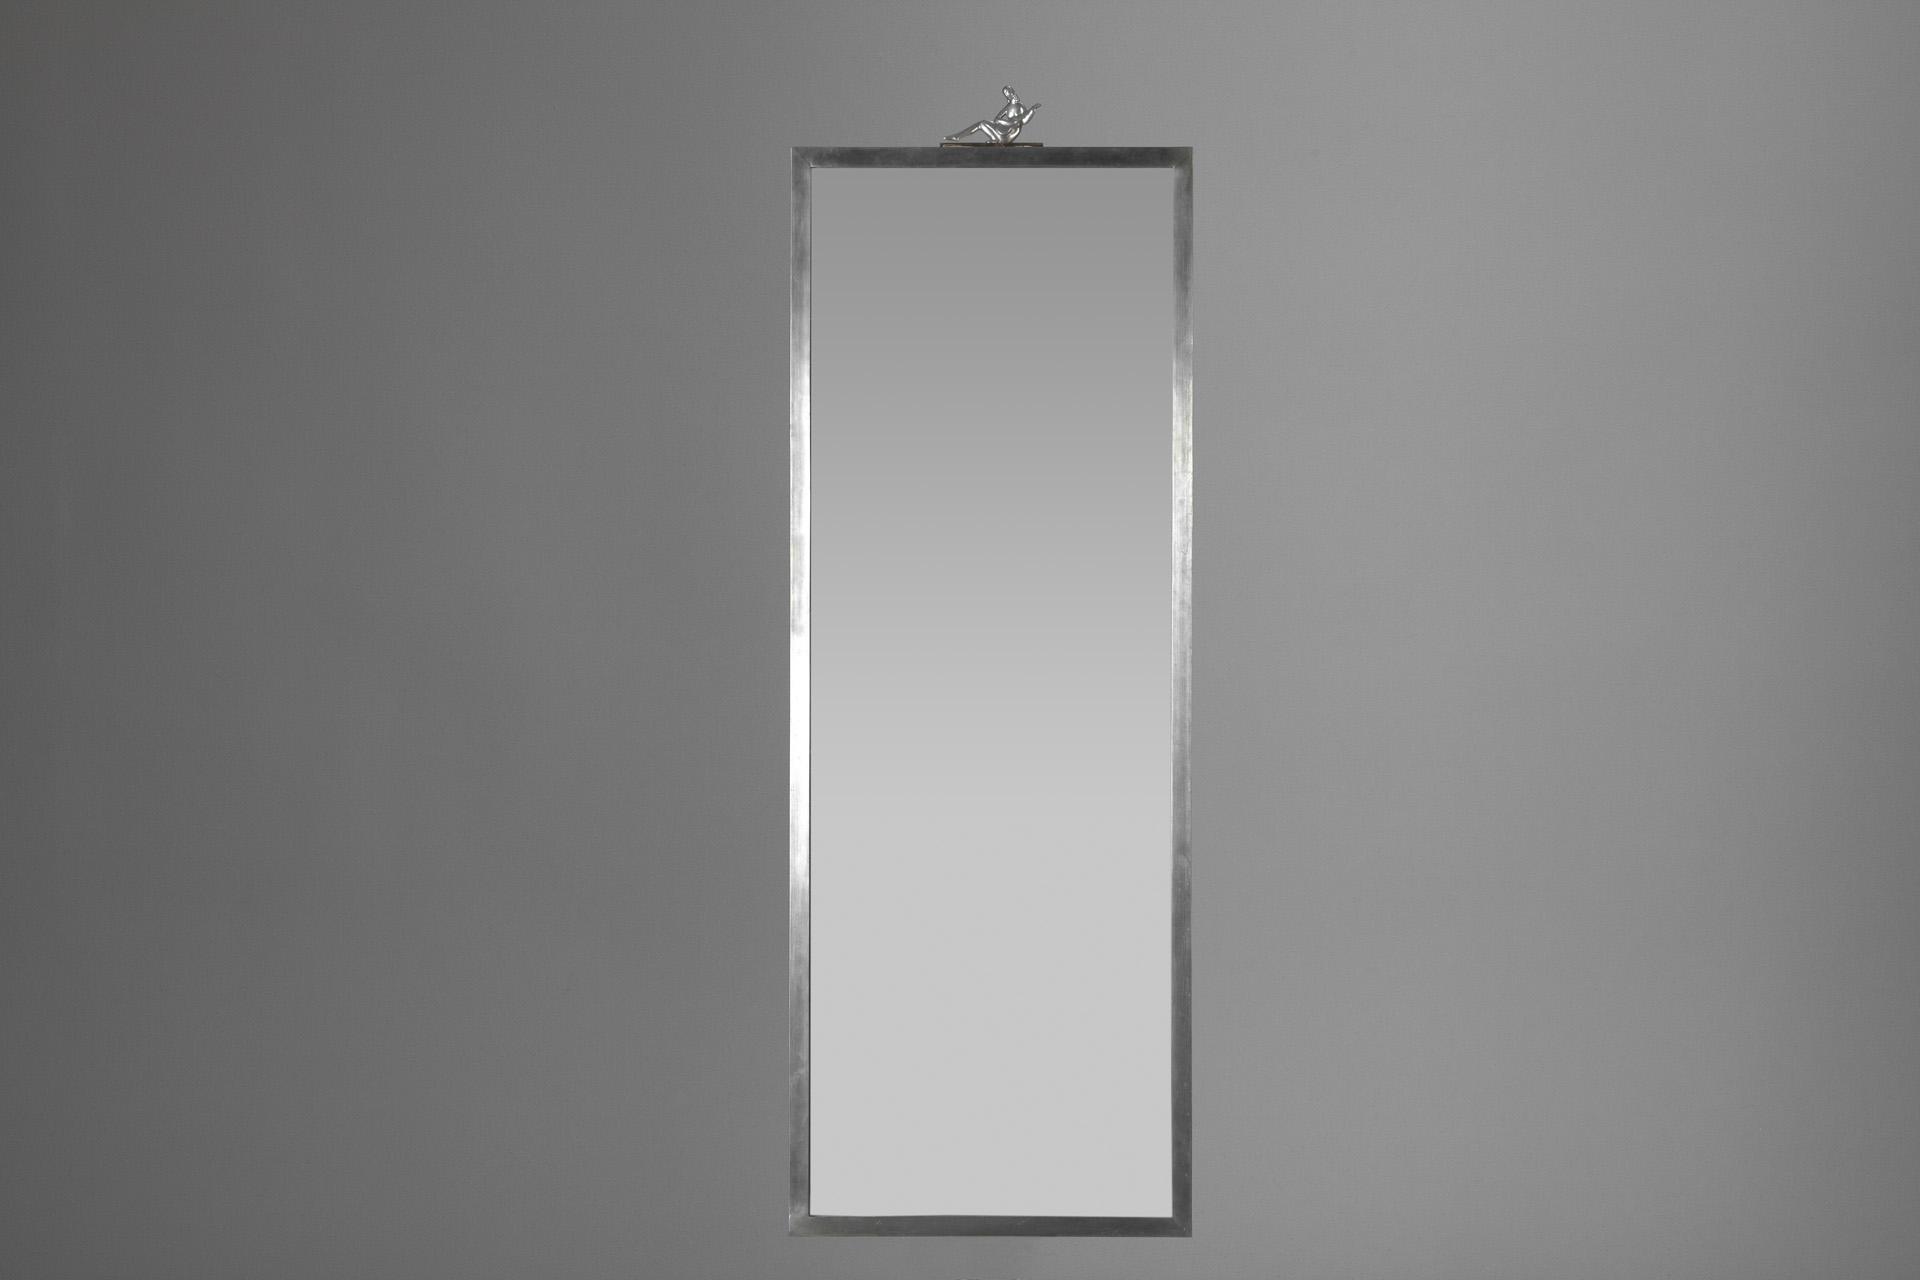 Jacksons – Large Pewter Mirror – Throughout Large Pewter Mirror (Image 11 of 20)